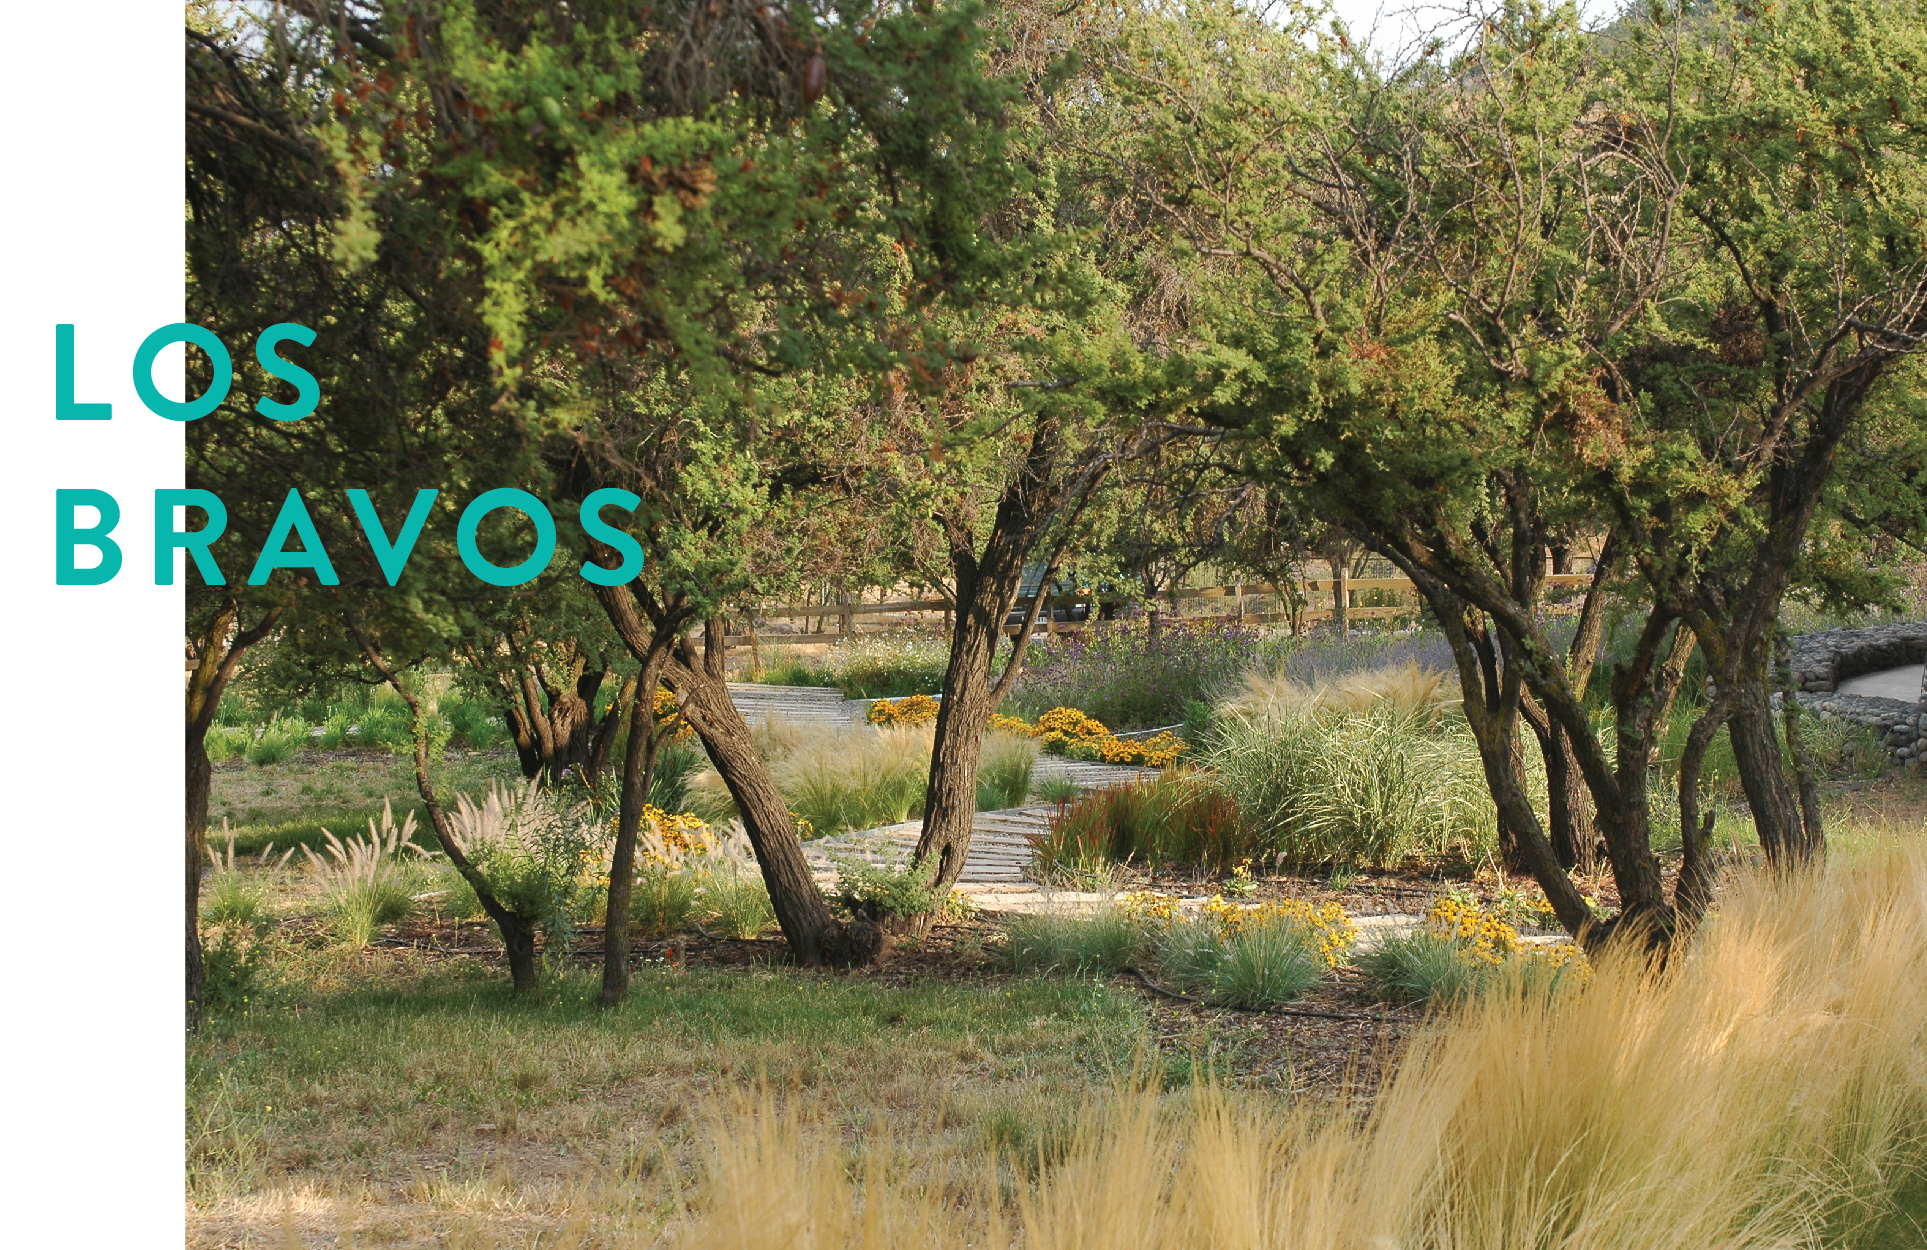 Formato Panoramico LOS BRAVOS-01.jpg